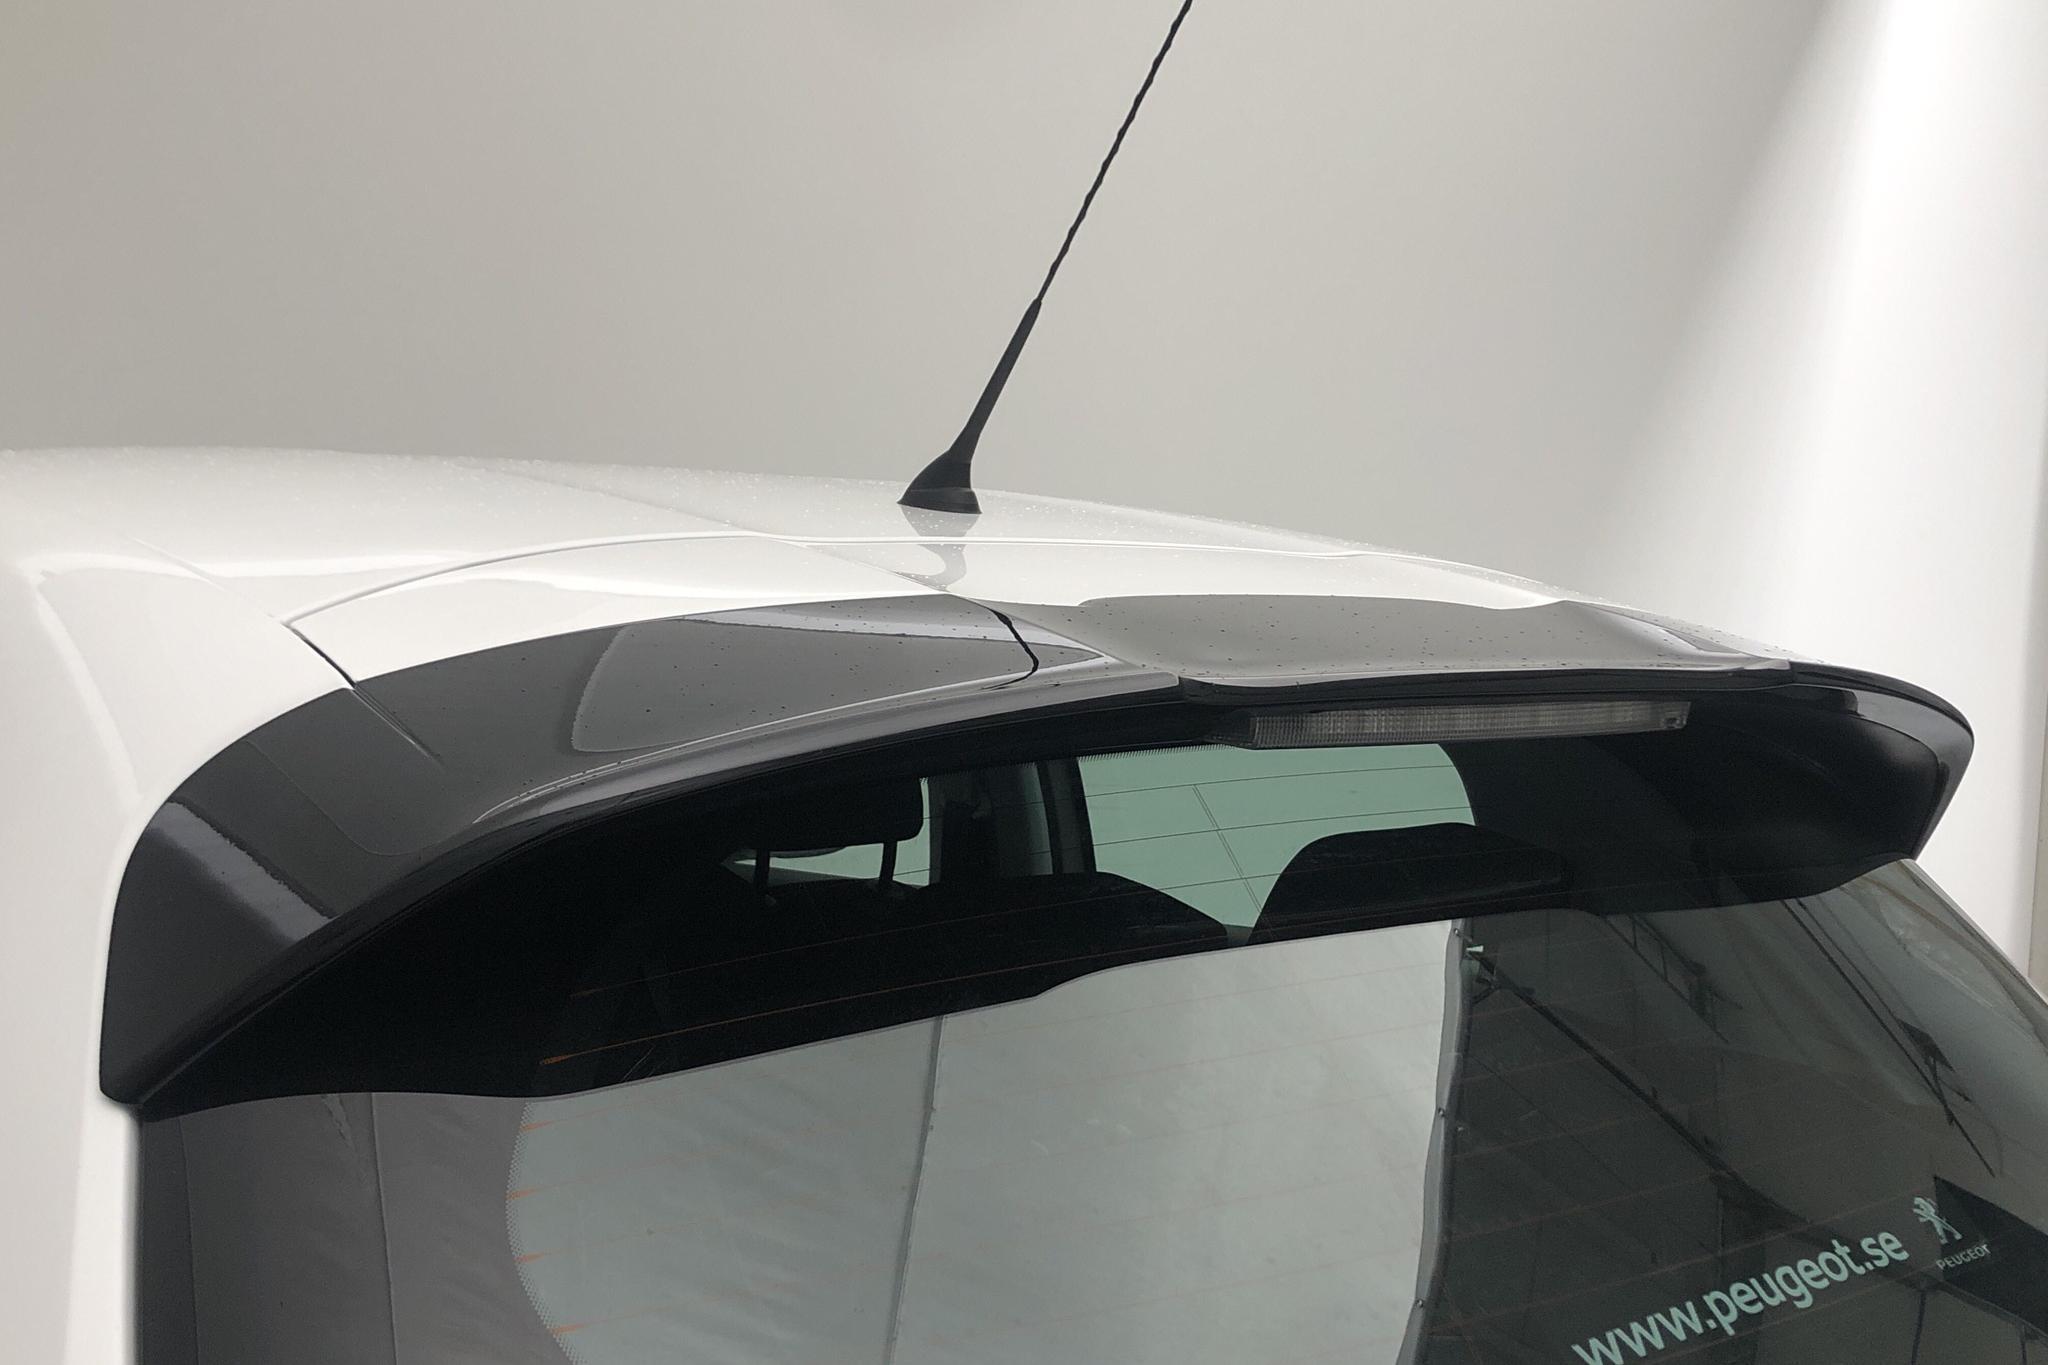 Peugeot 208 BlueHDi 5dr (100hk) - 118 350 km - Manual - white - 2016